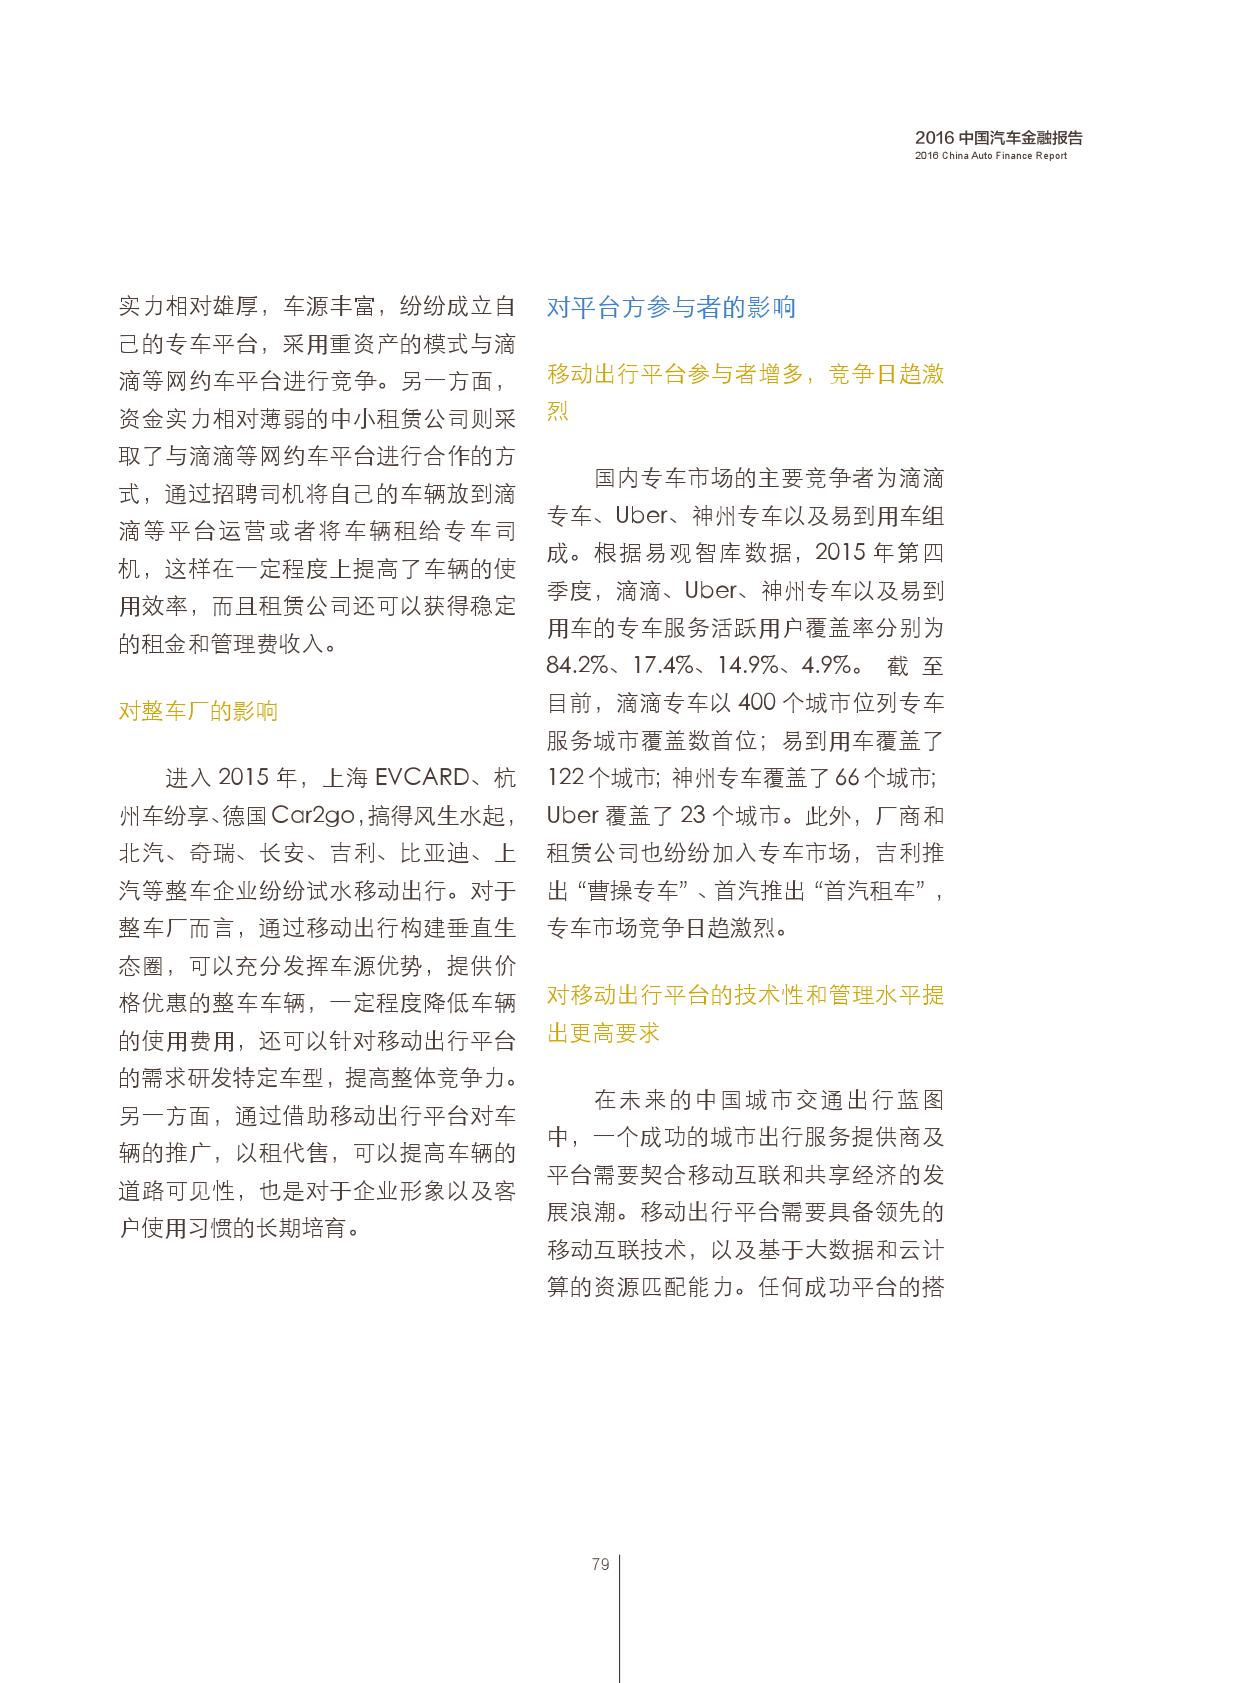 2016中国汽车金融报告_000080